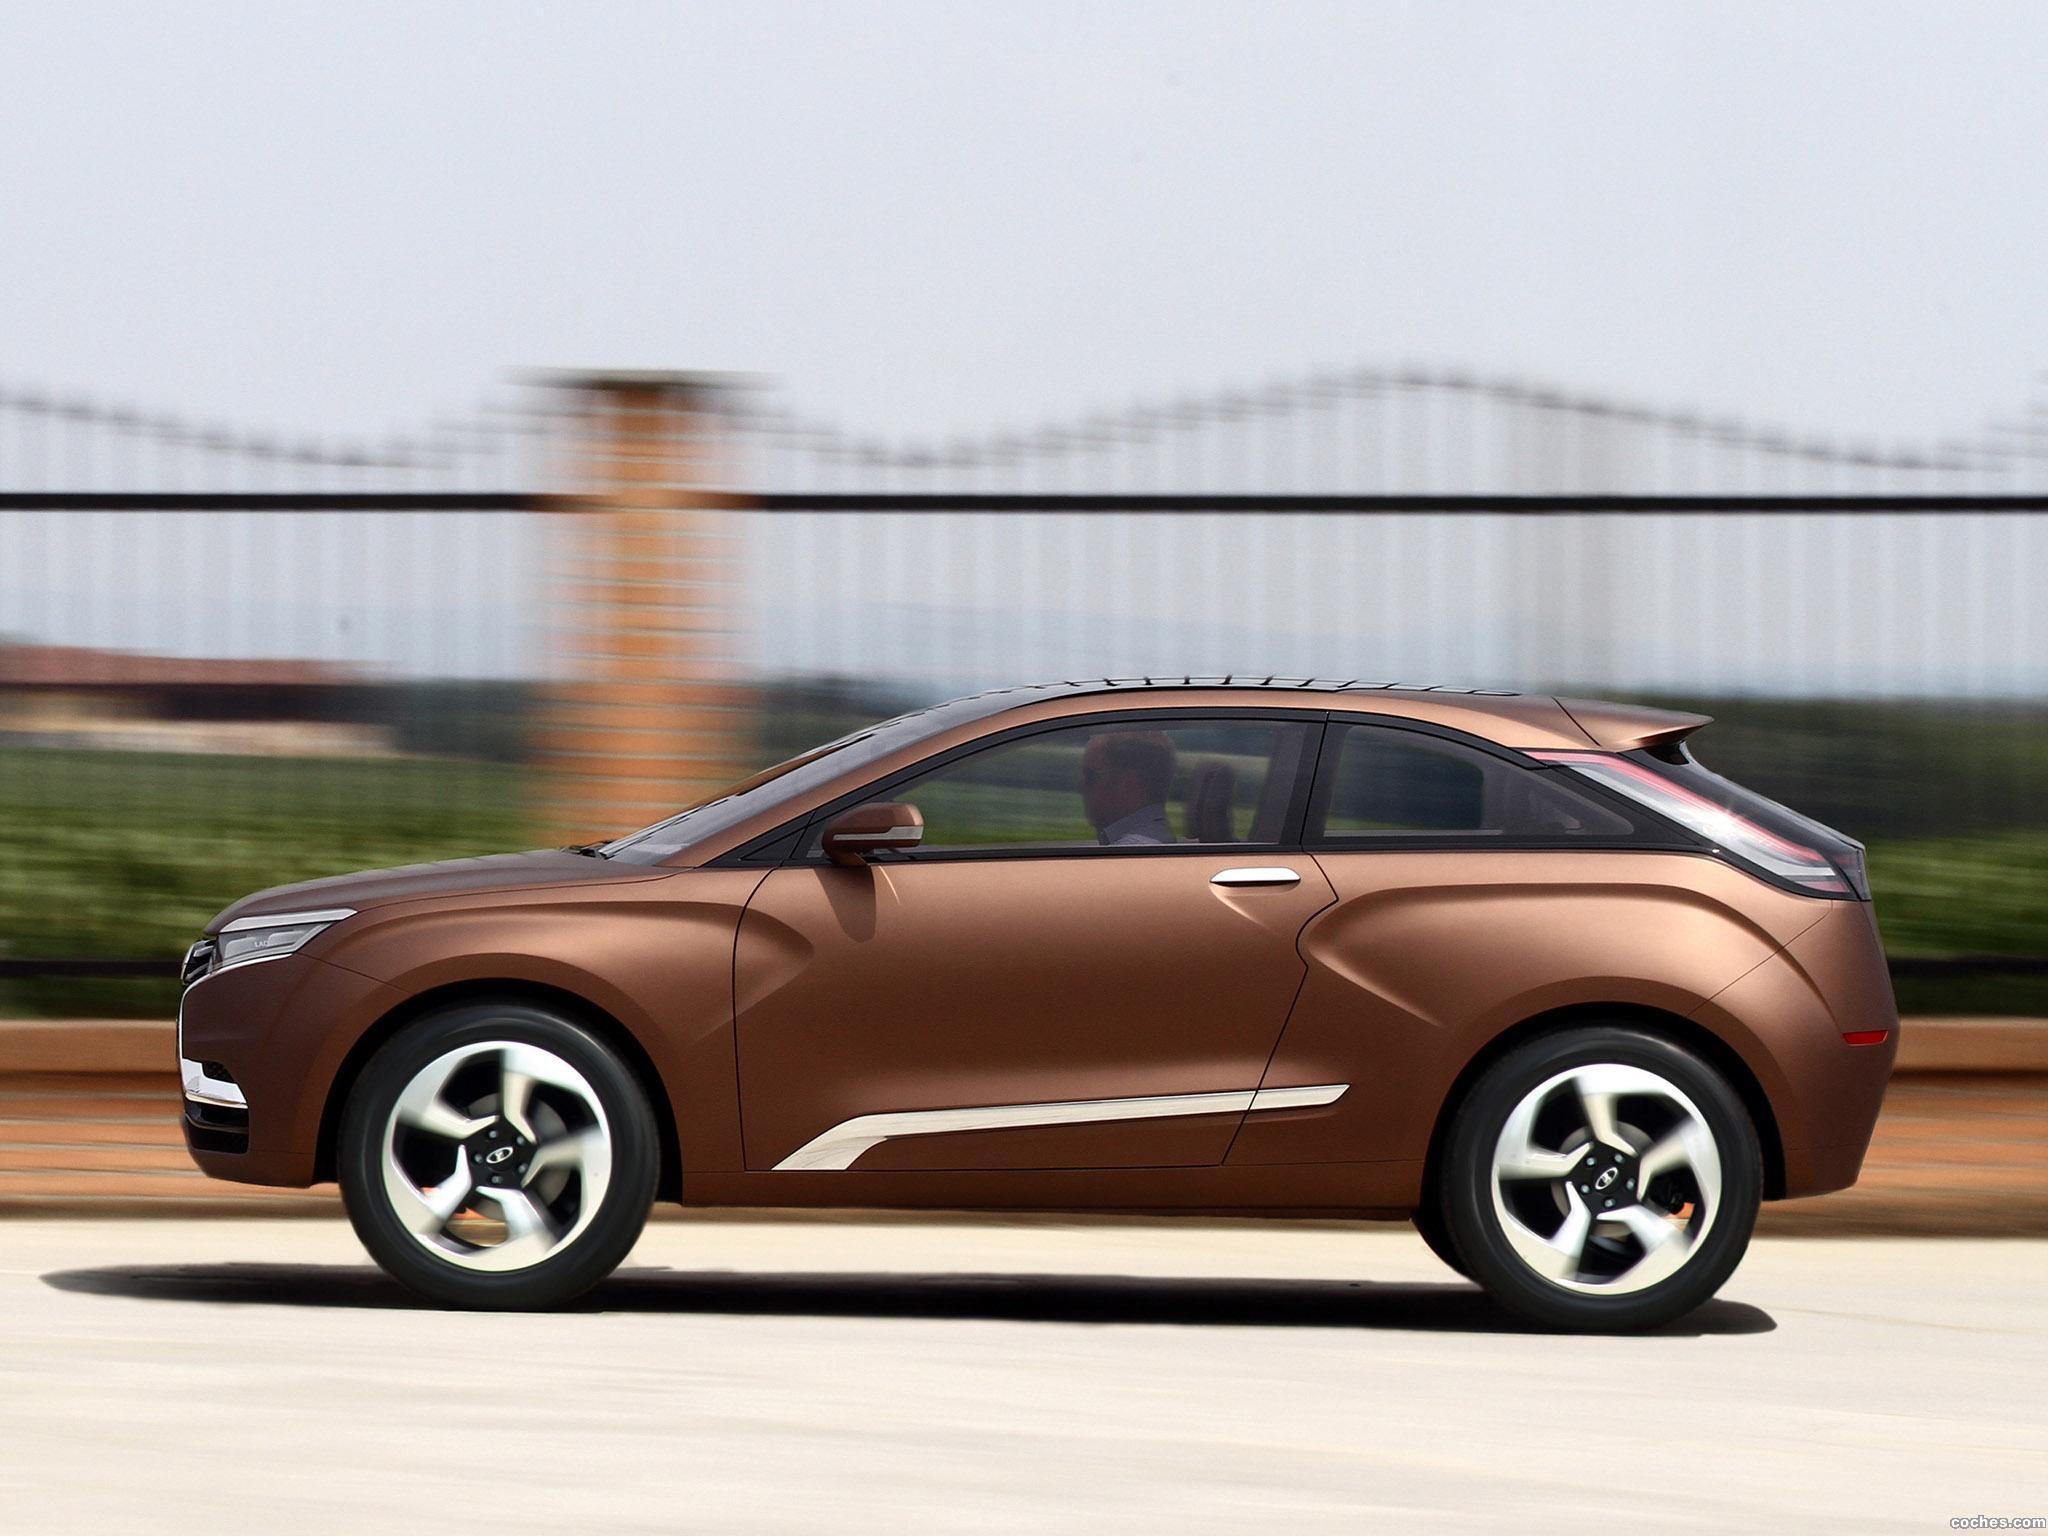 Foto 5 de Lada XRAY Concept 2012